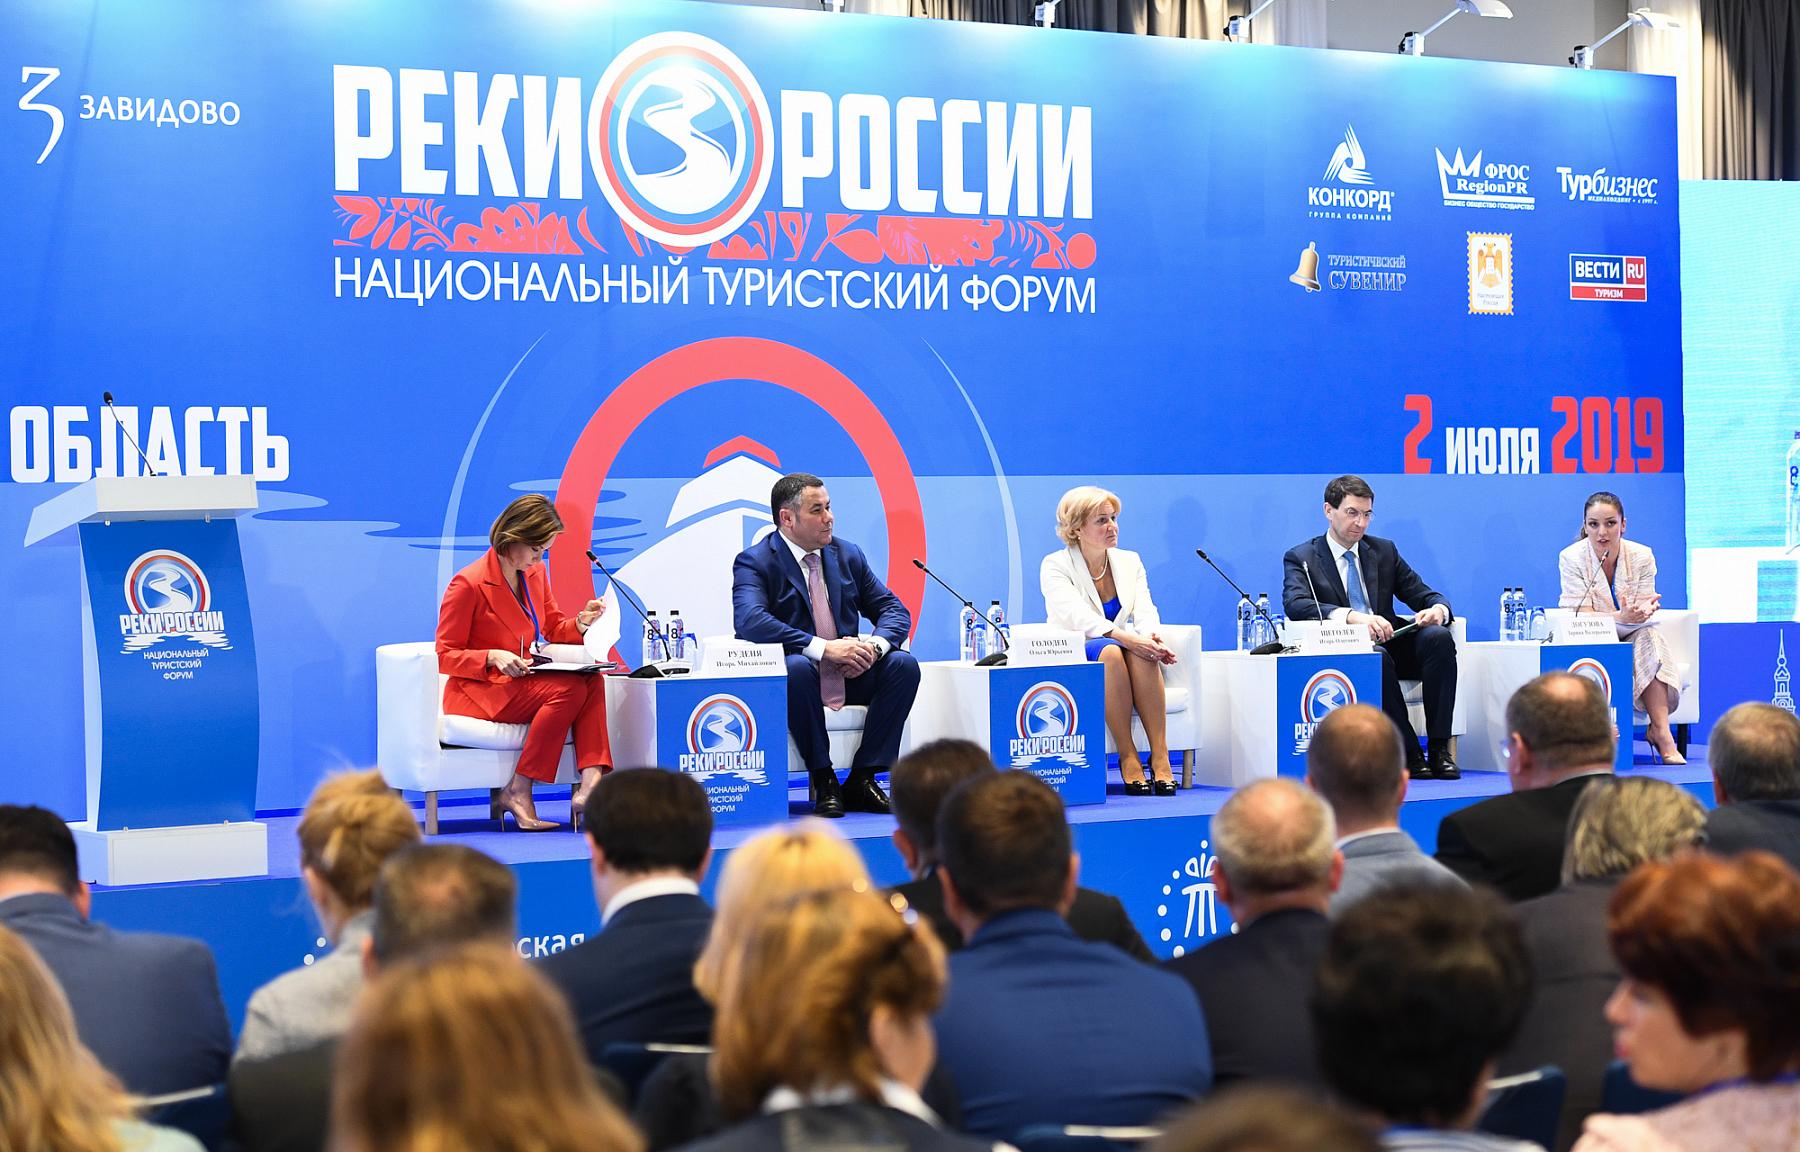 Национальный туристский форум «Реки России» перенесен на 2021 год